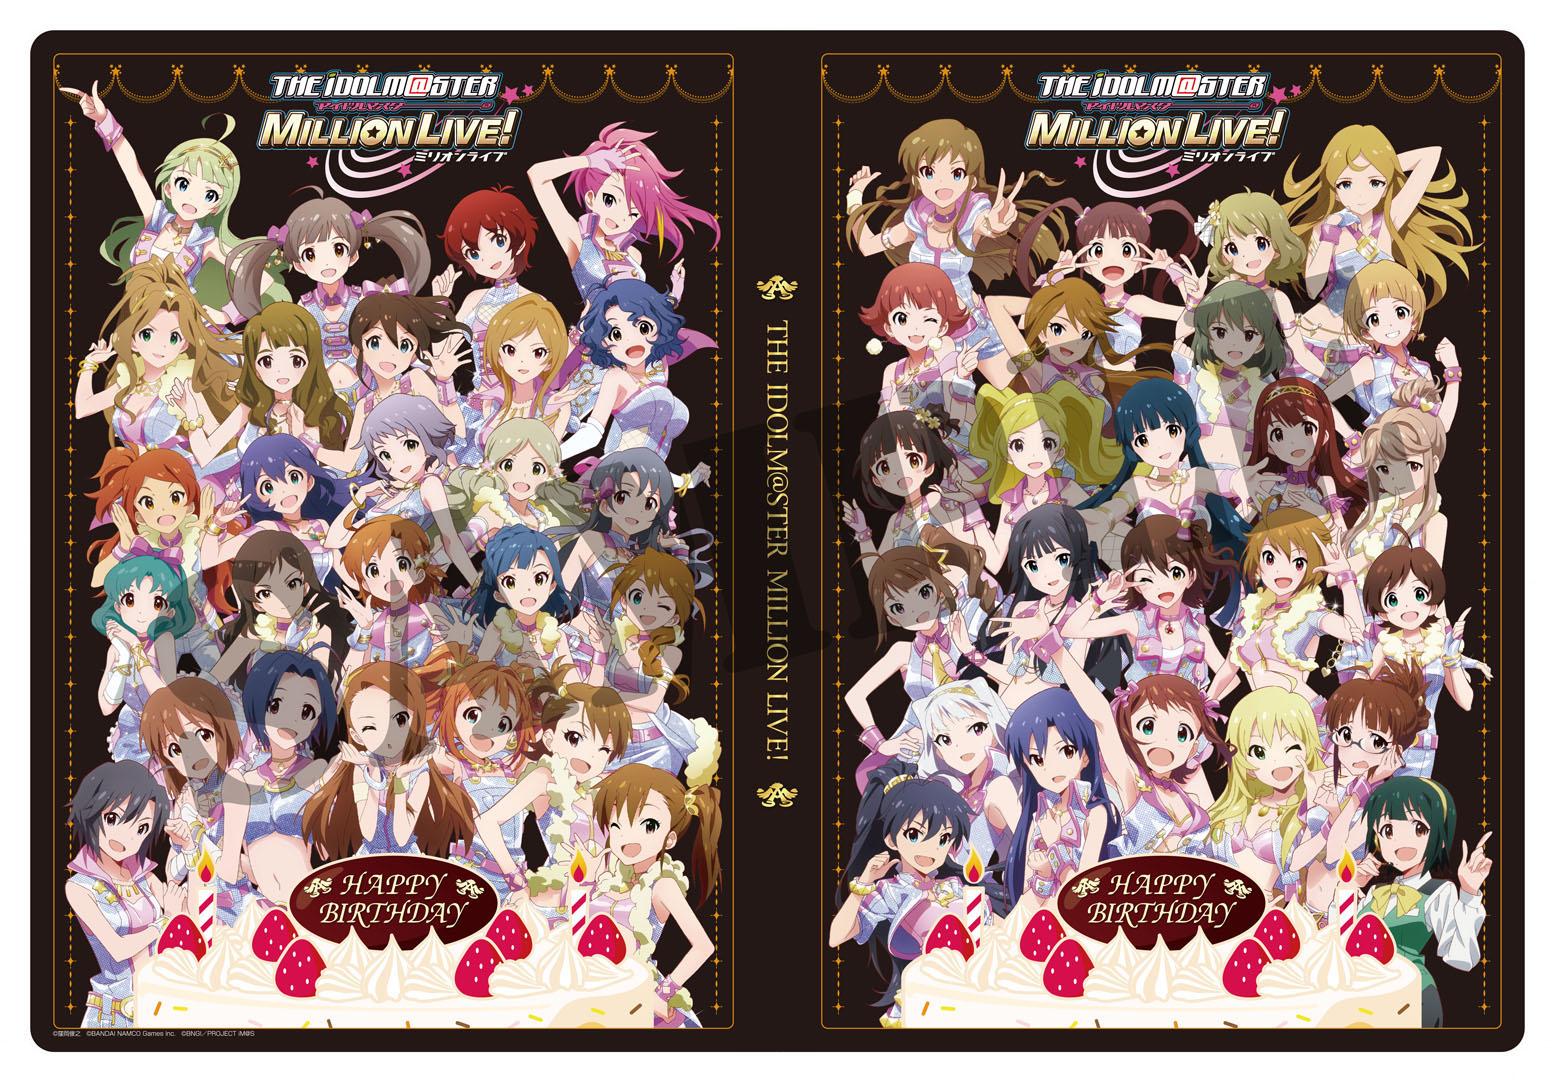 「アイドルマスター ミリオンライブ! バースデークリアファイル」シリーズ 専用クリアファイルホルダーが2015年3月発売